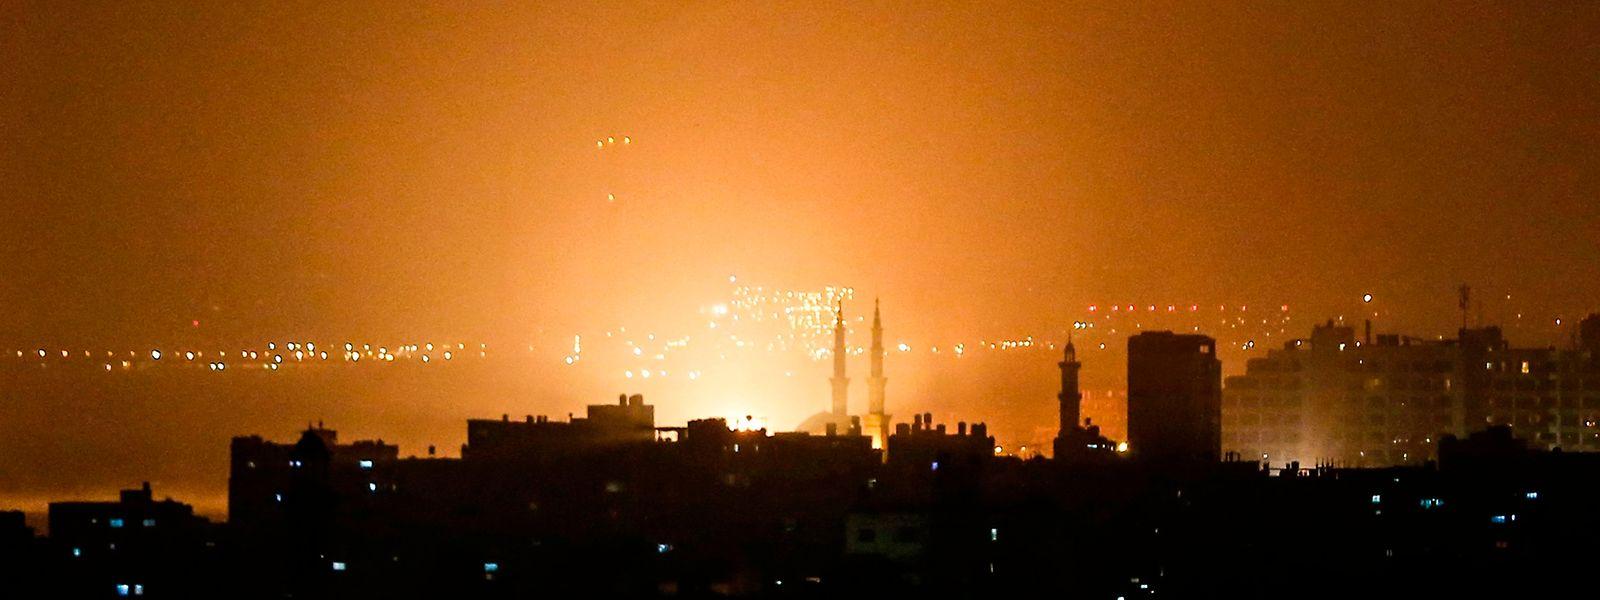 Das israelische Militär reagierte mit Luftangriffen auf Gaza City.